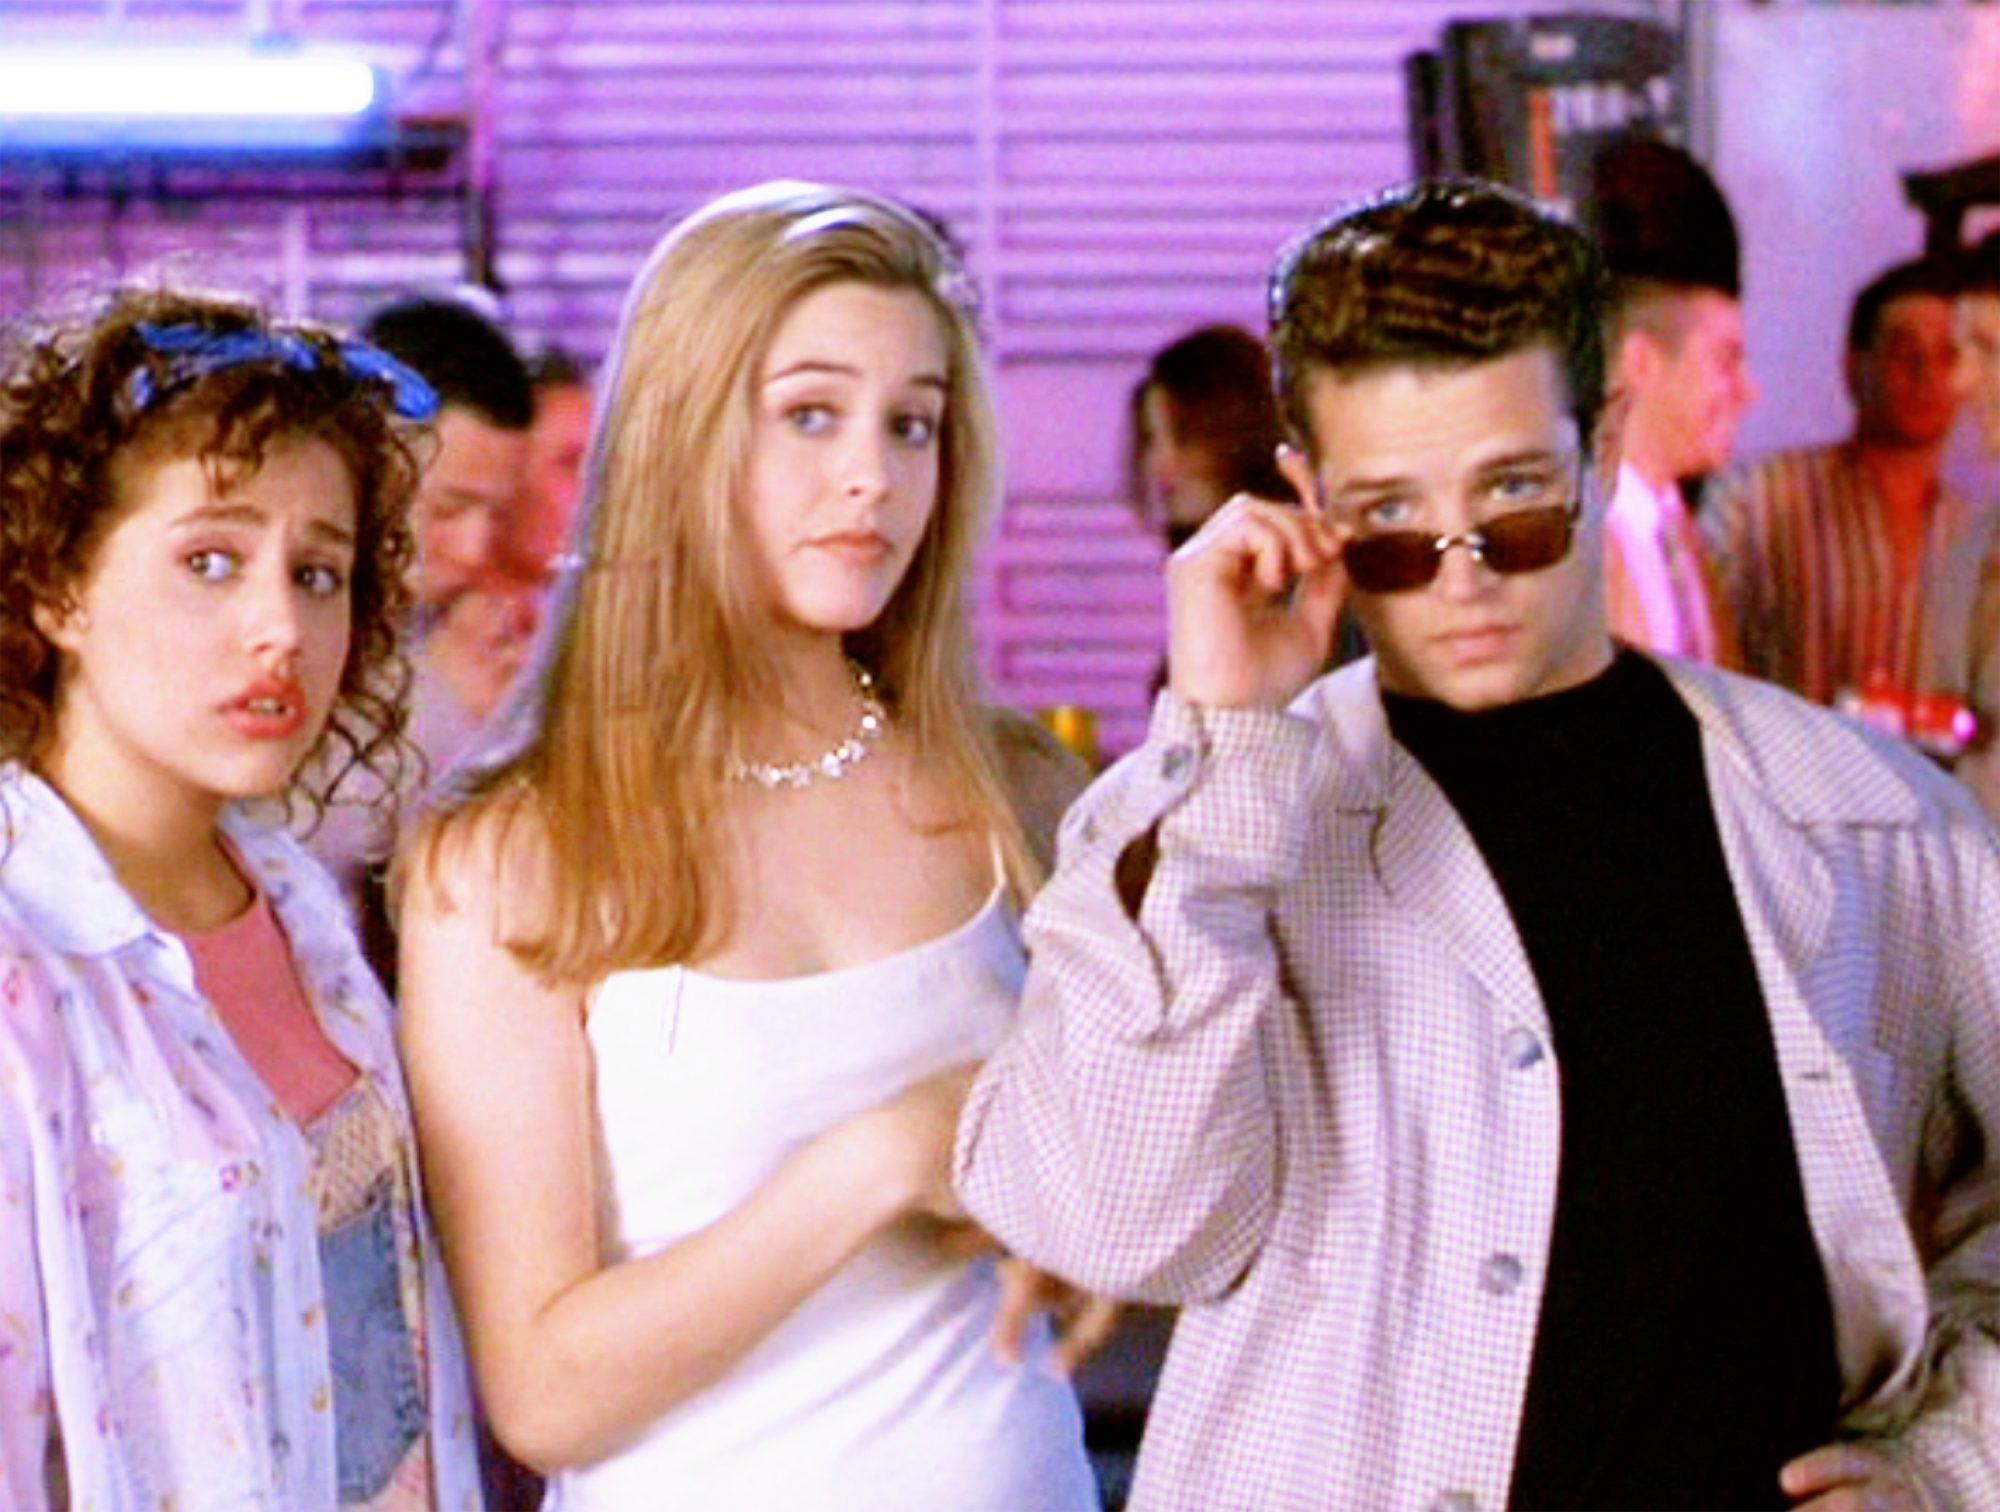 90s movies trope nostalgia